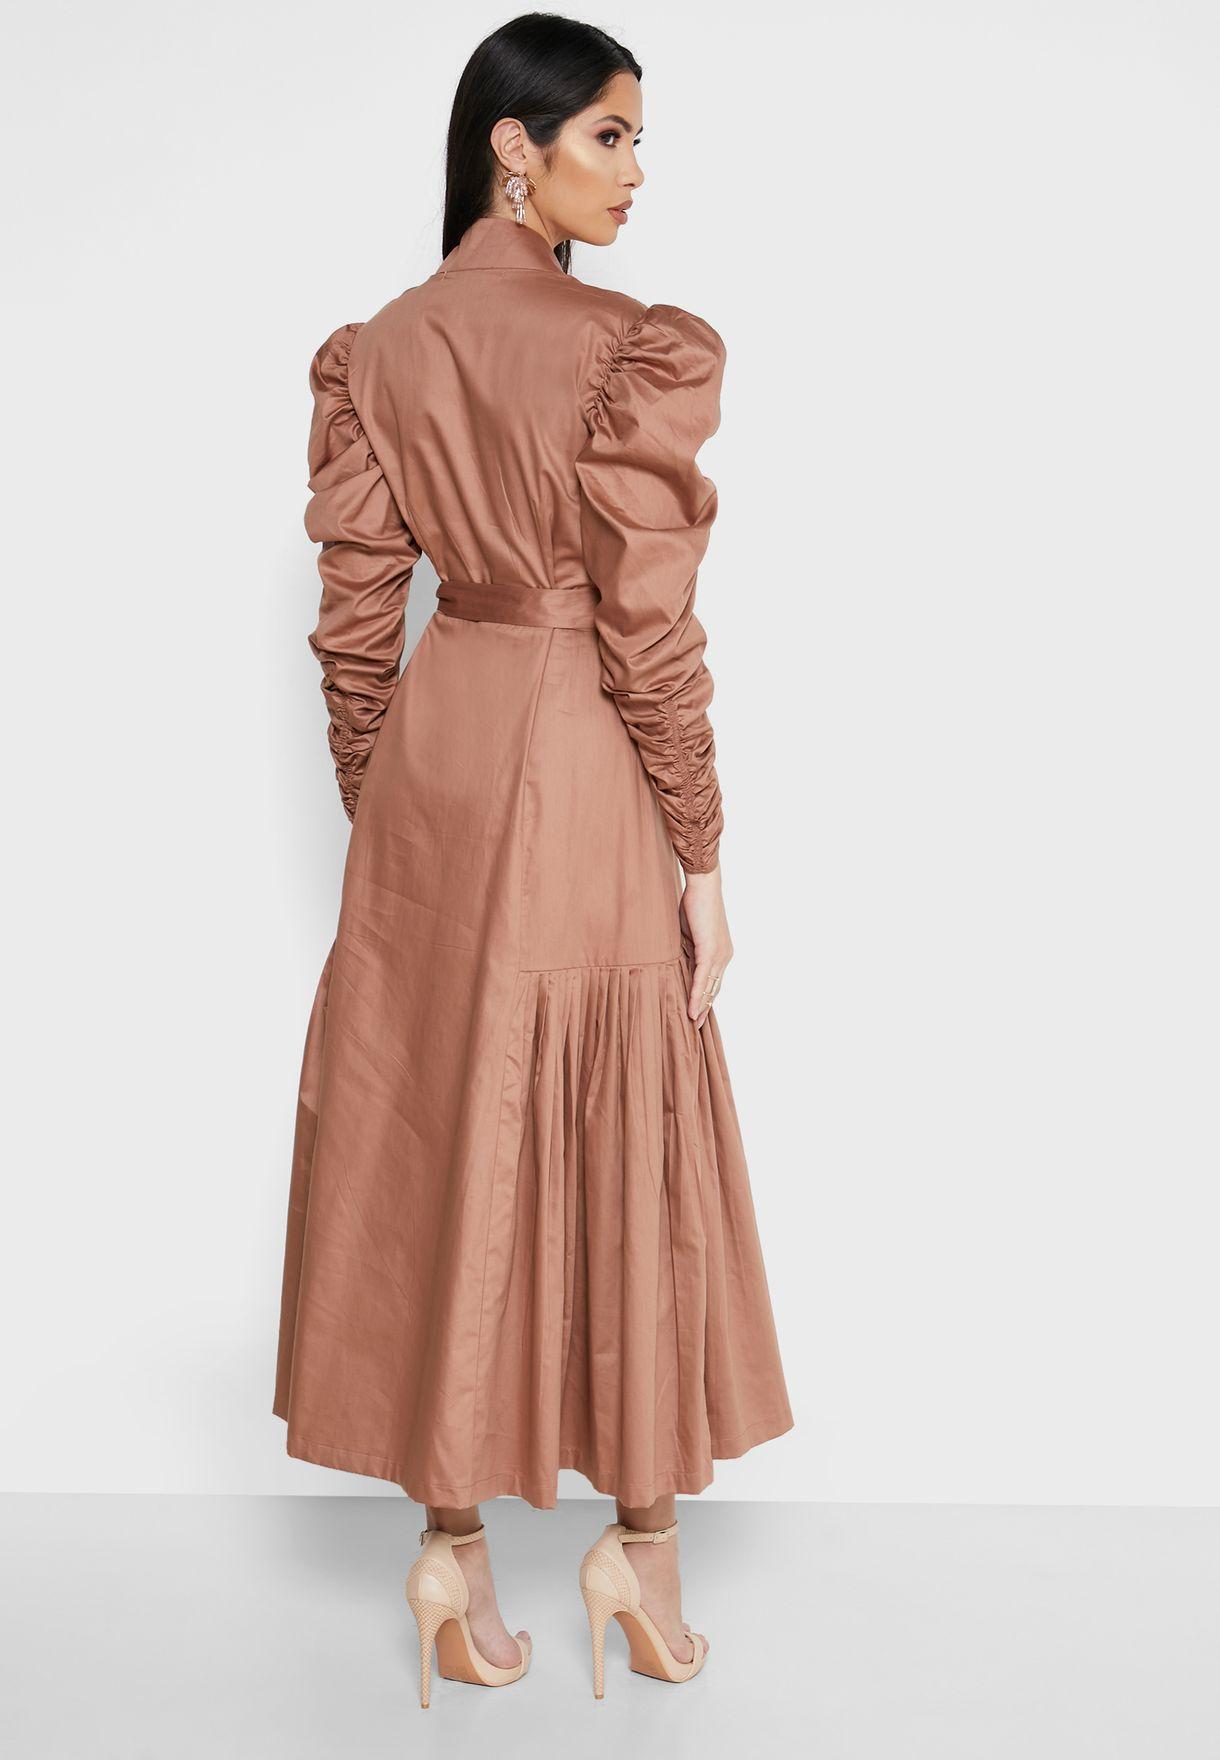 فستان مرصع مع أطراف ذات كسرات